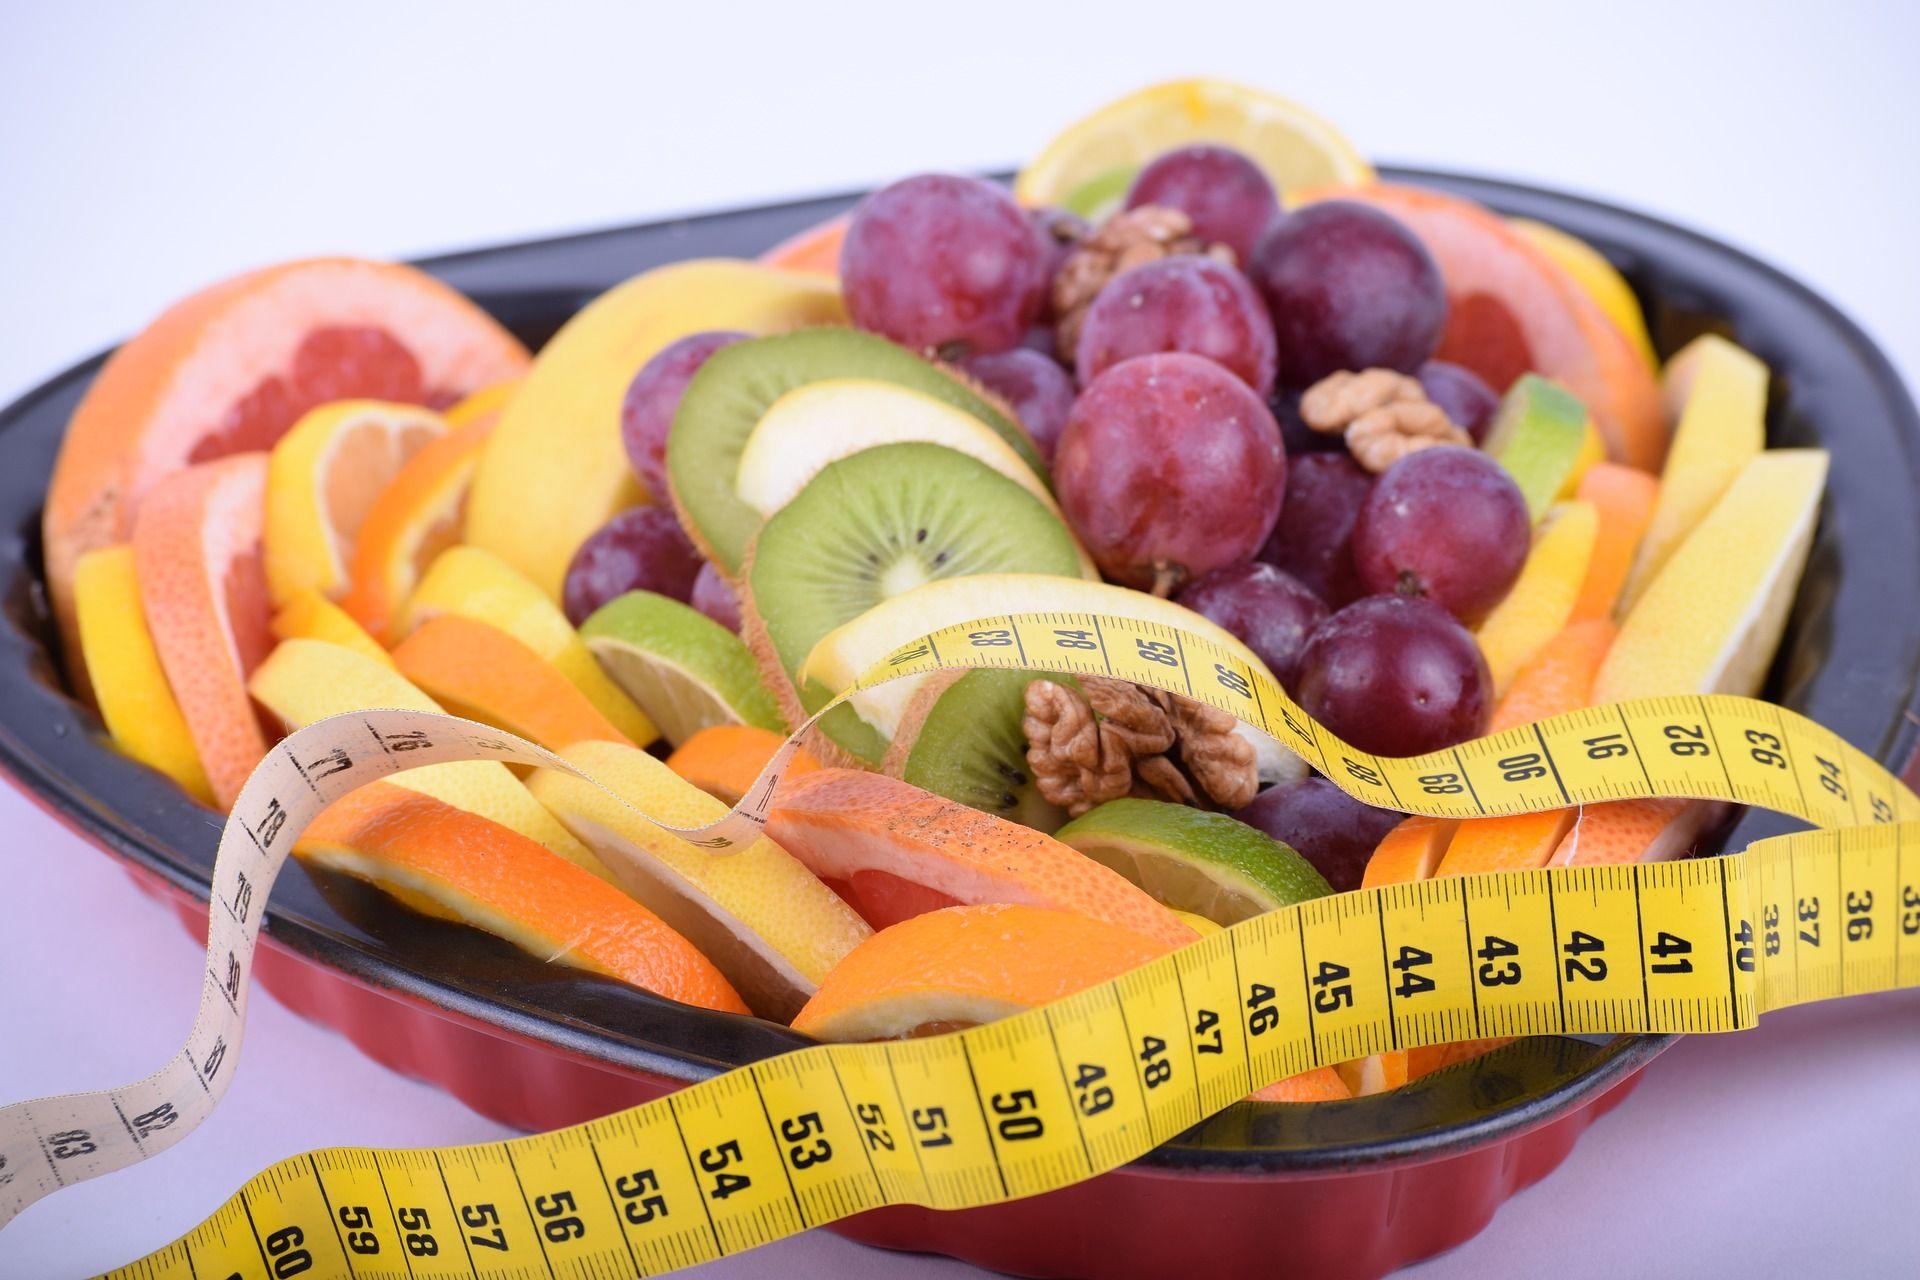 фрукты при похудении отзывы